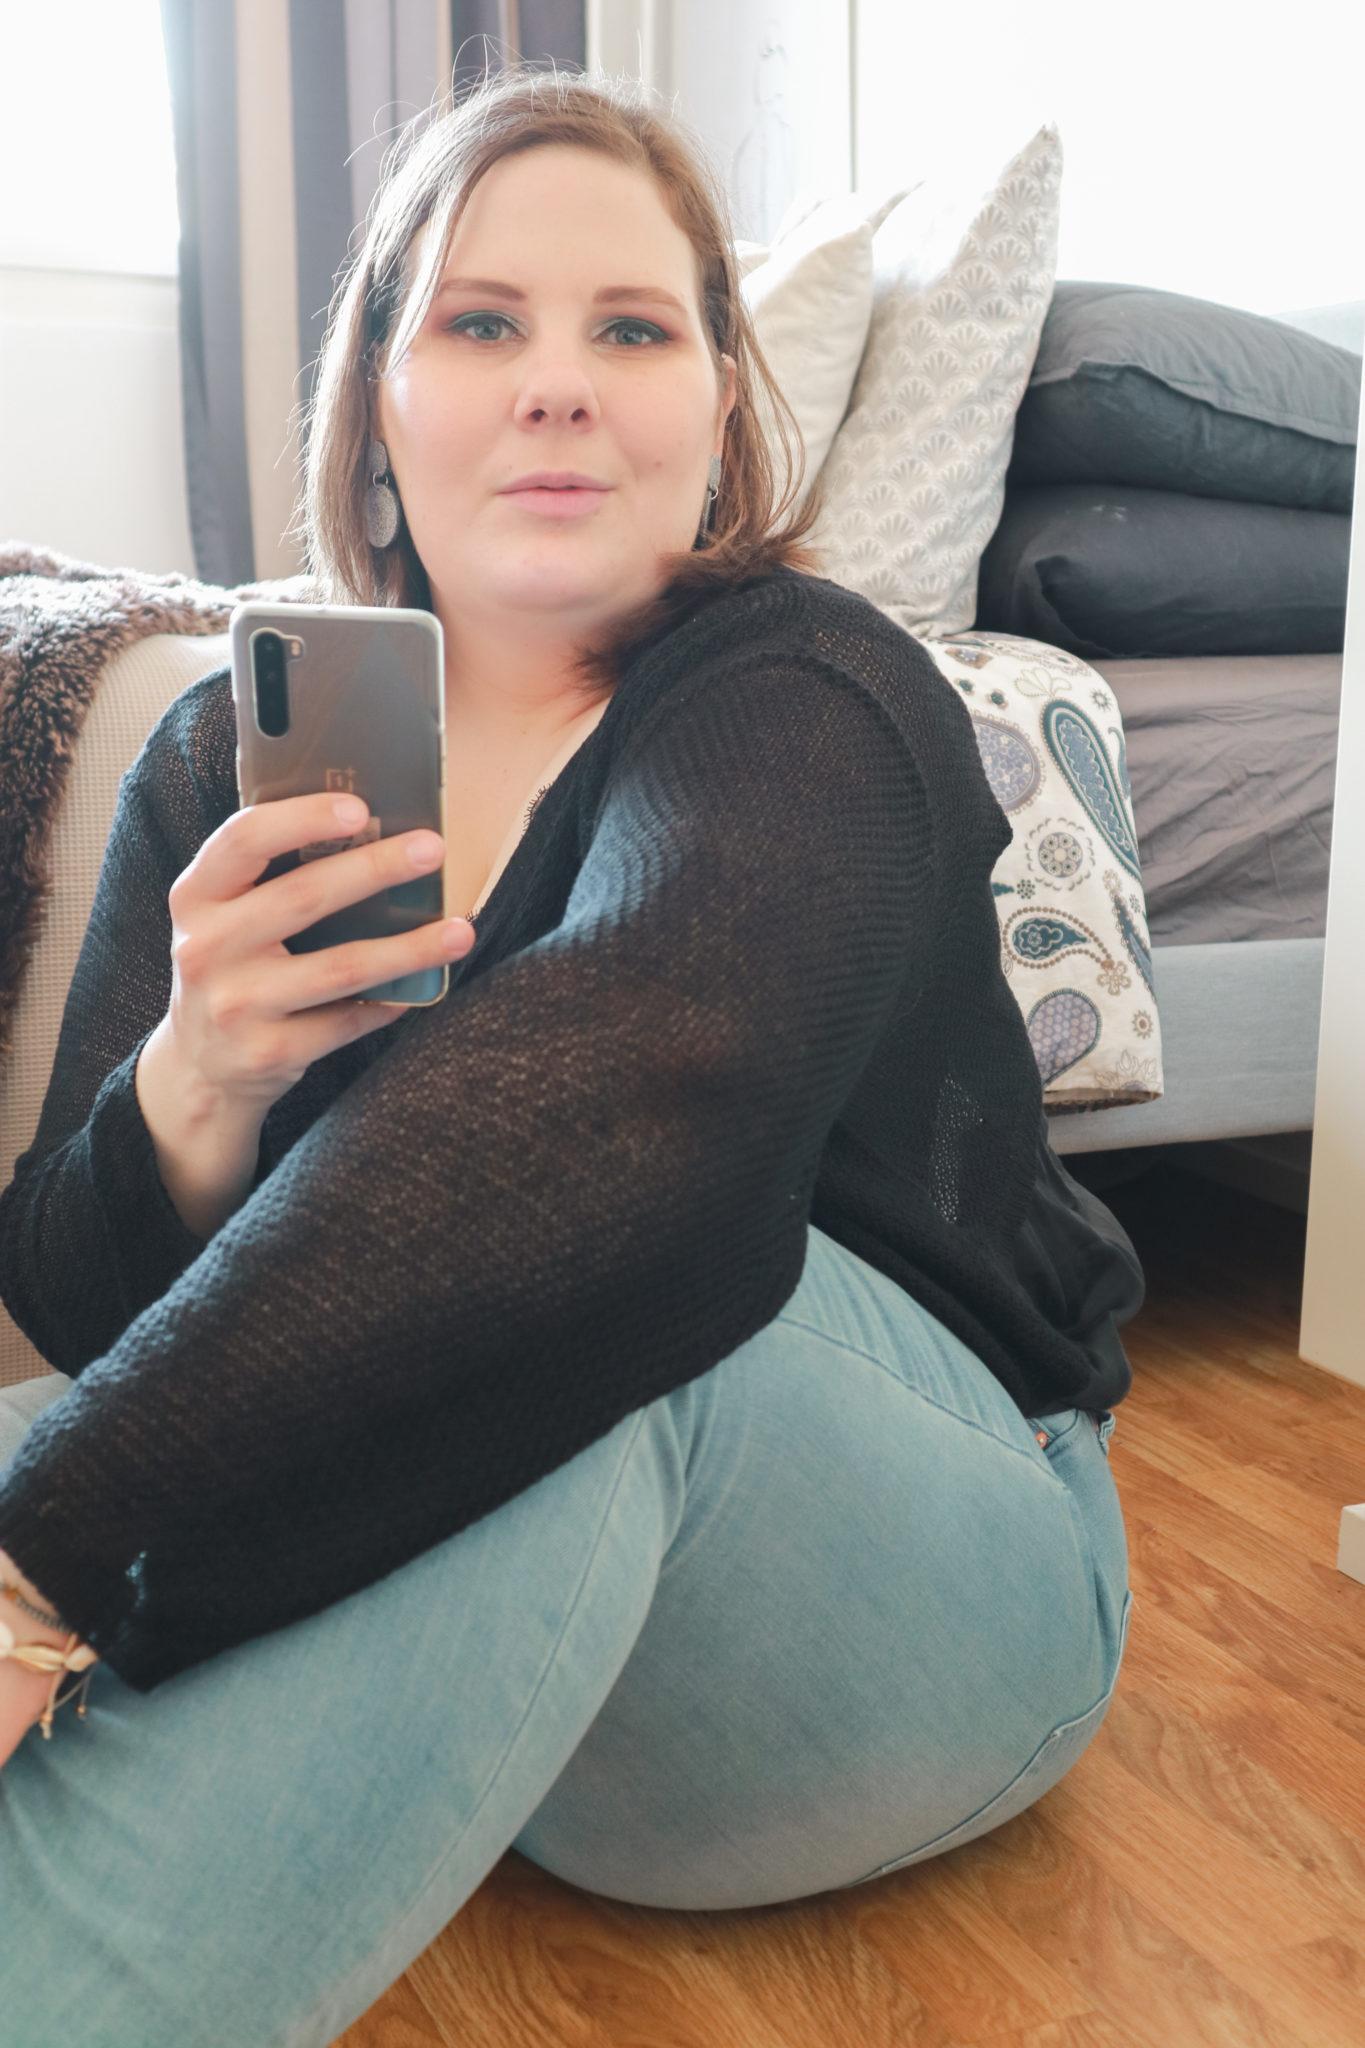 Sinkkuäiti Tinderissä - BMH - Big mamas home by Jenni